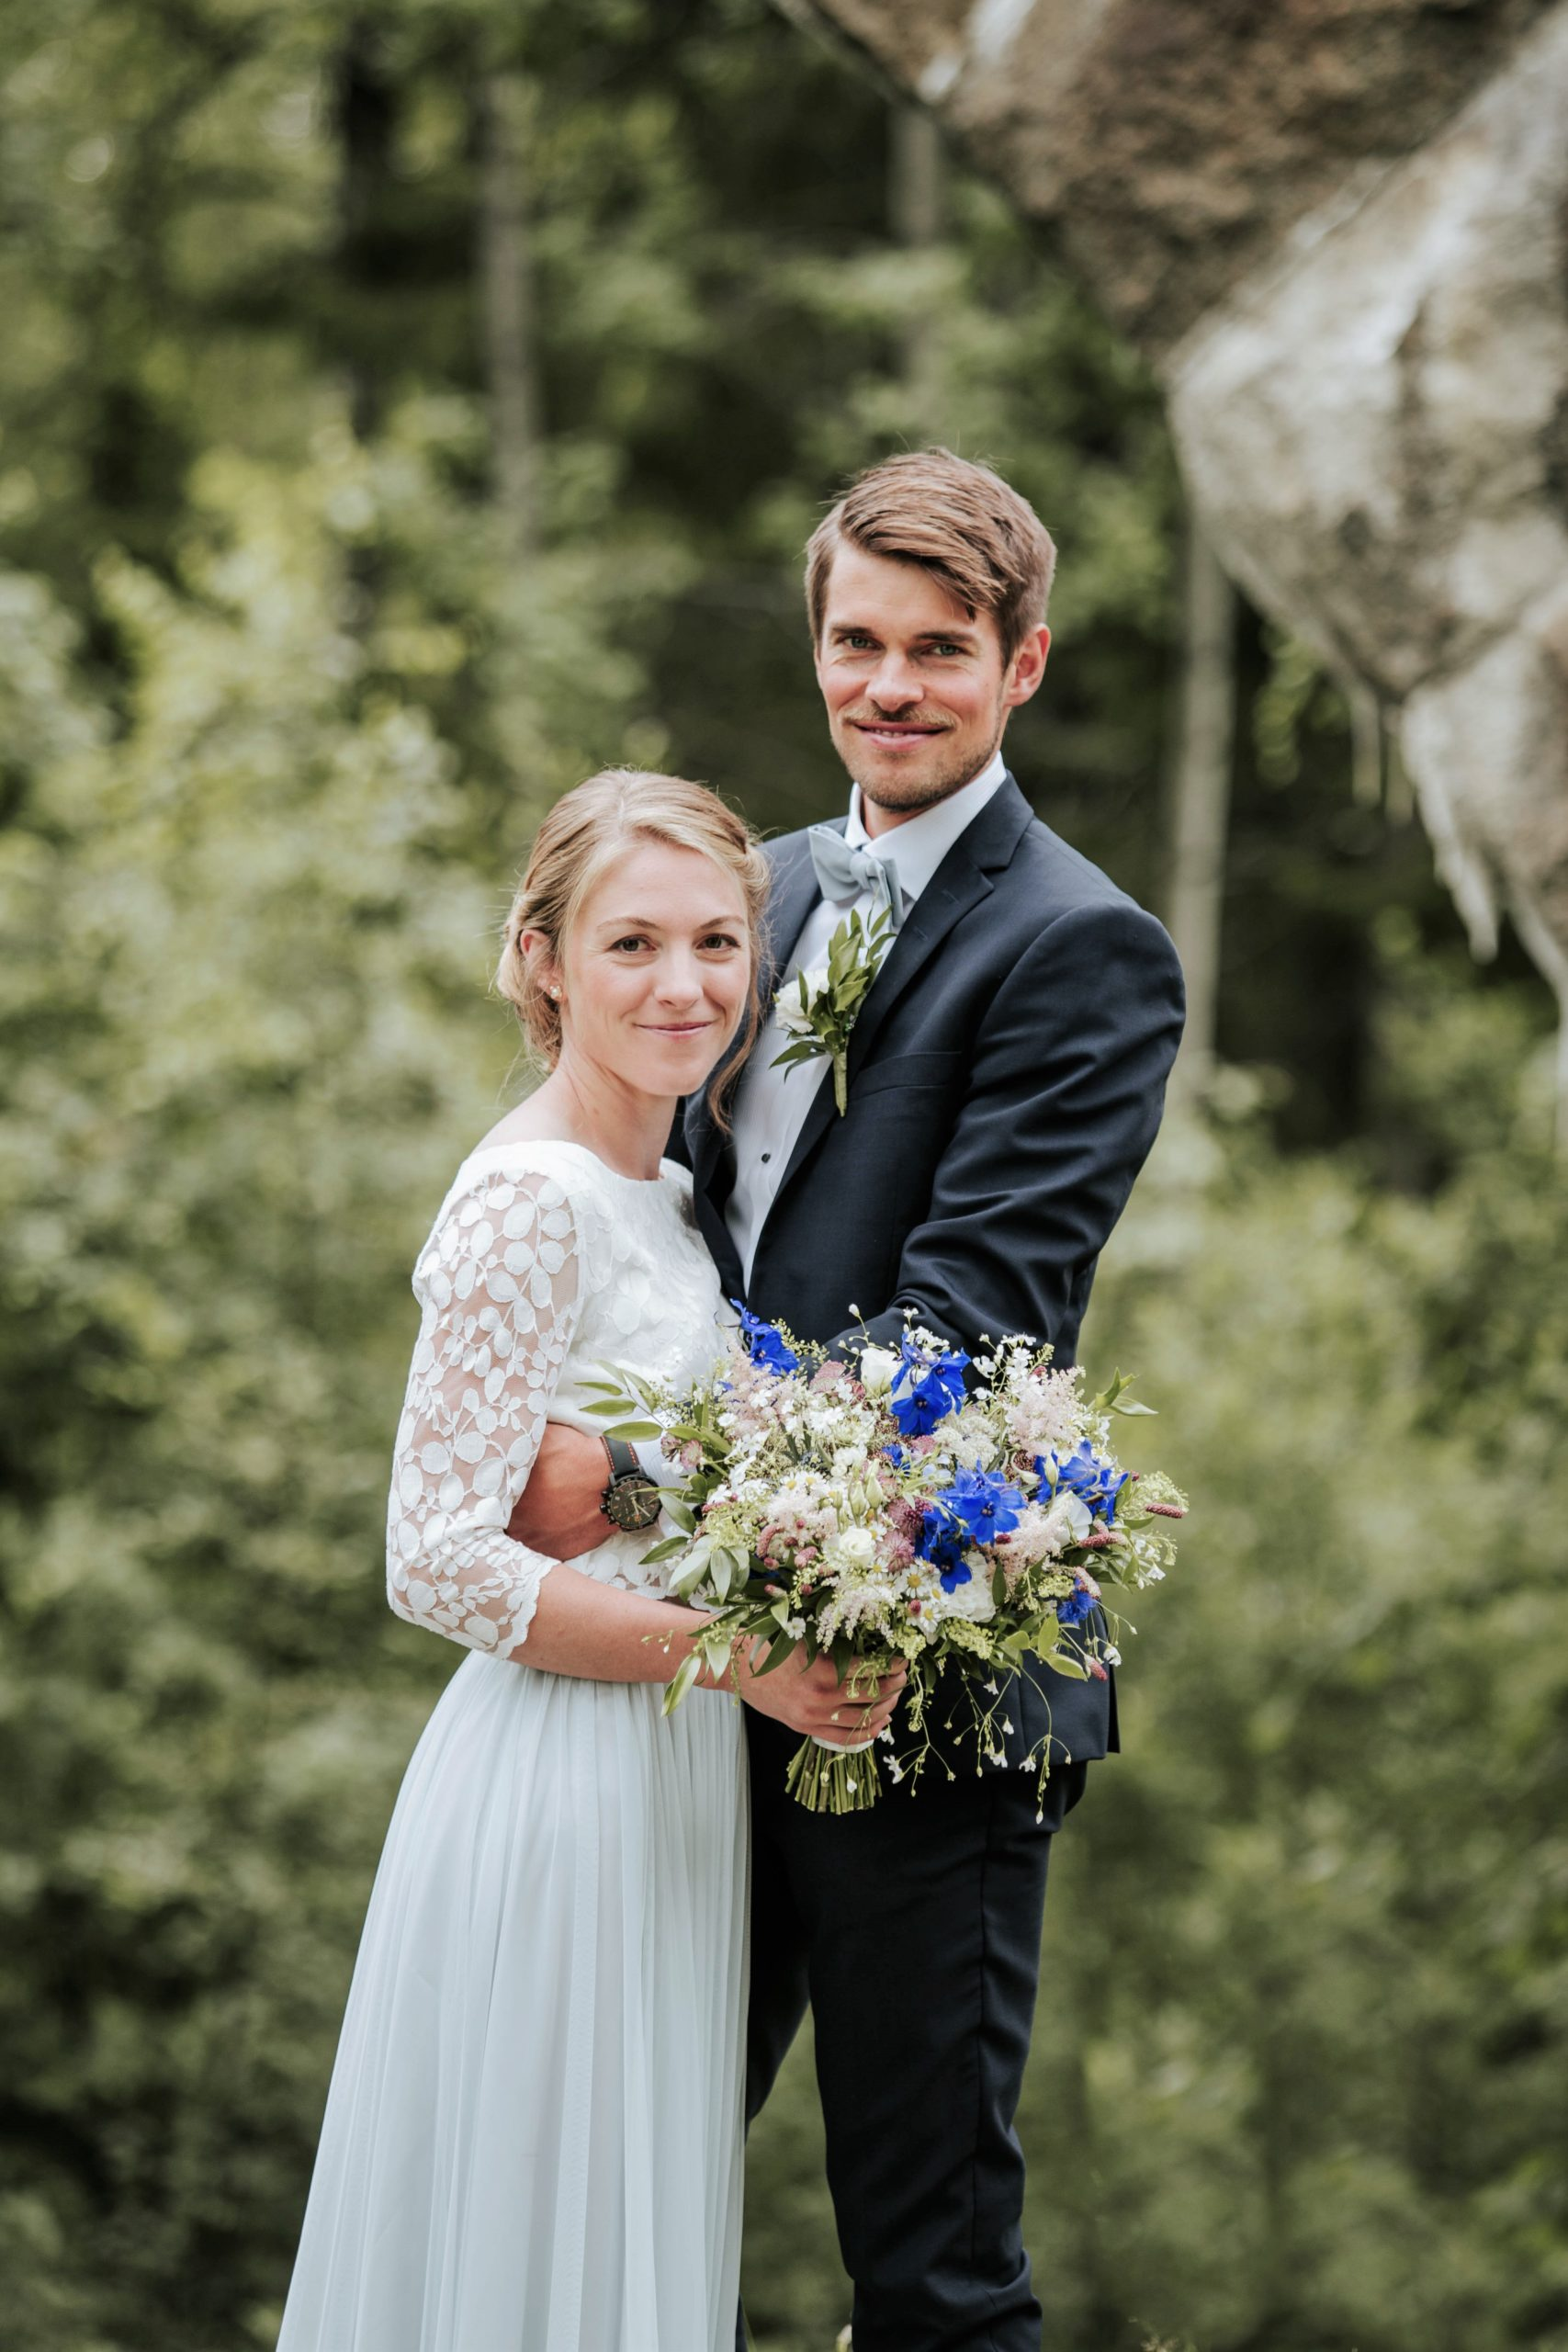 Braut neben Bräutigam